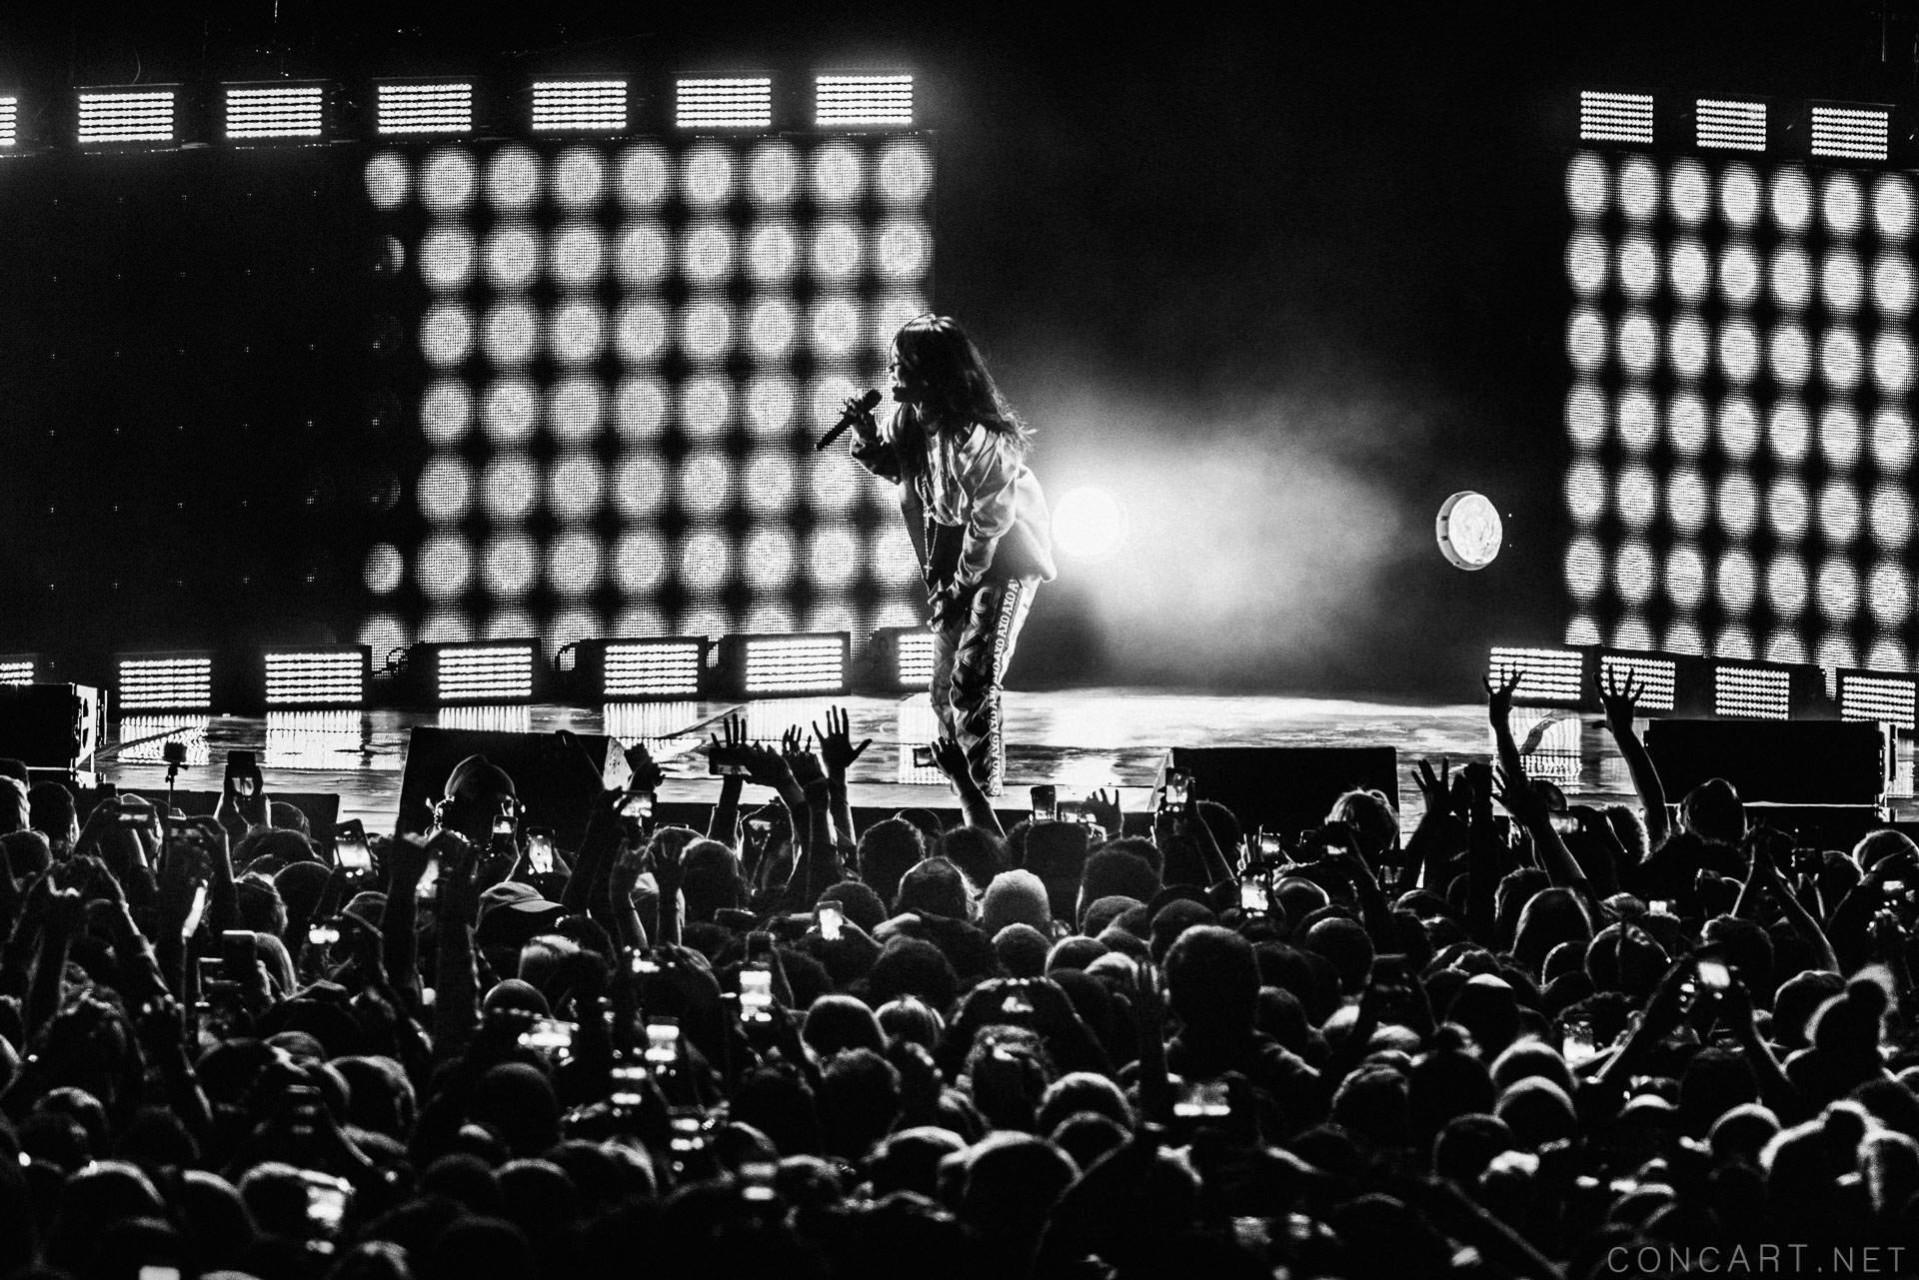 Rihanna photo by Sean Molin 35